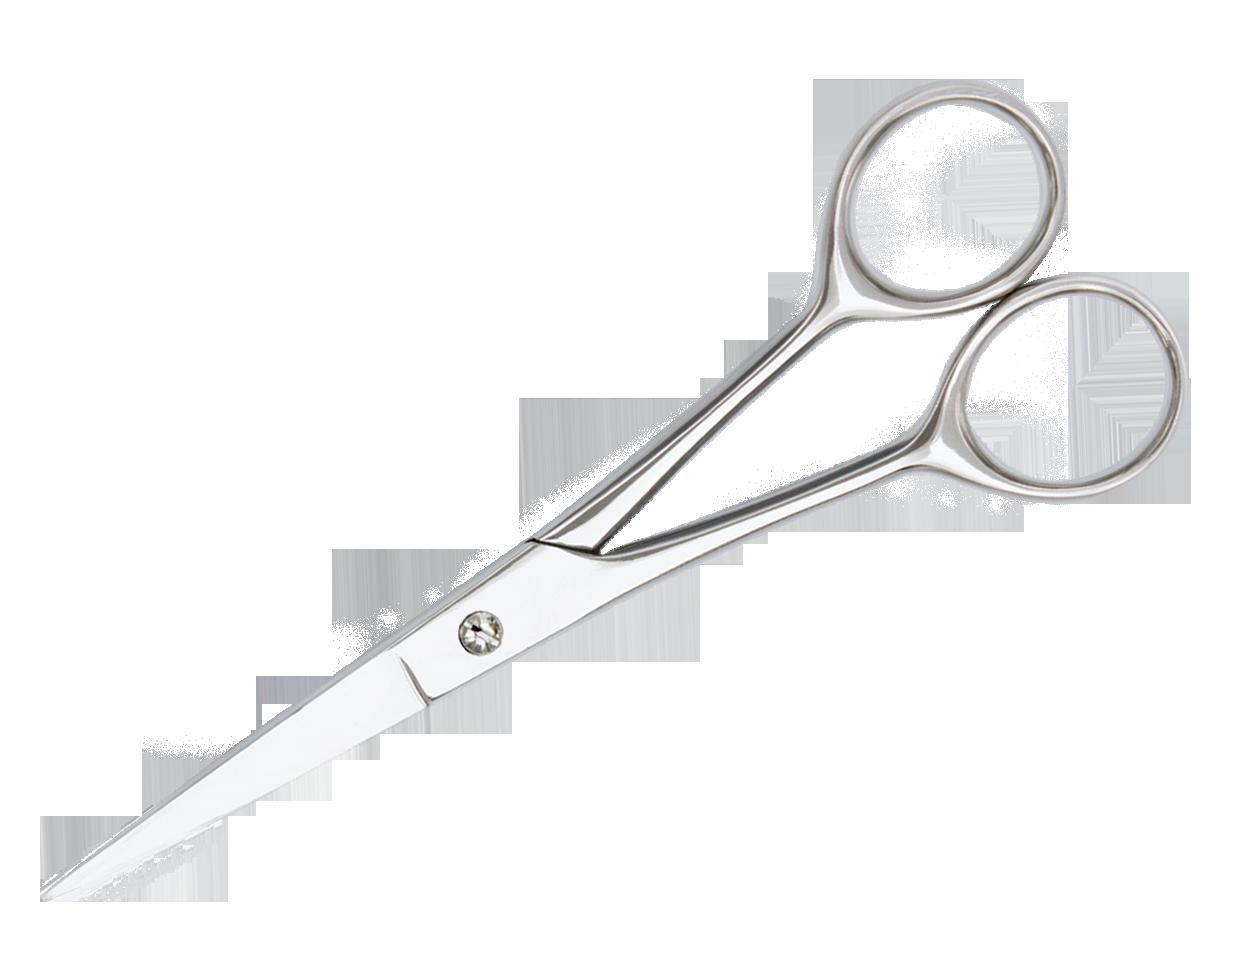 graphic transparent Scissors PNG images clipart